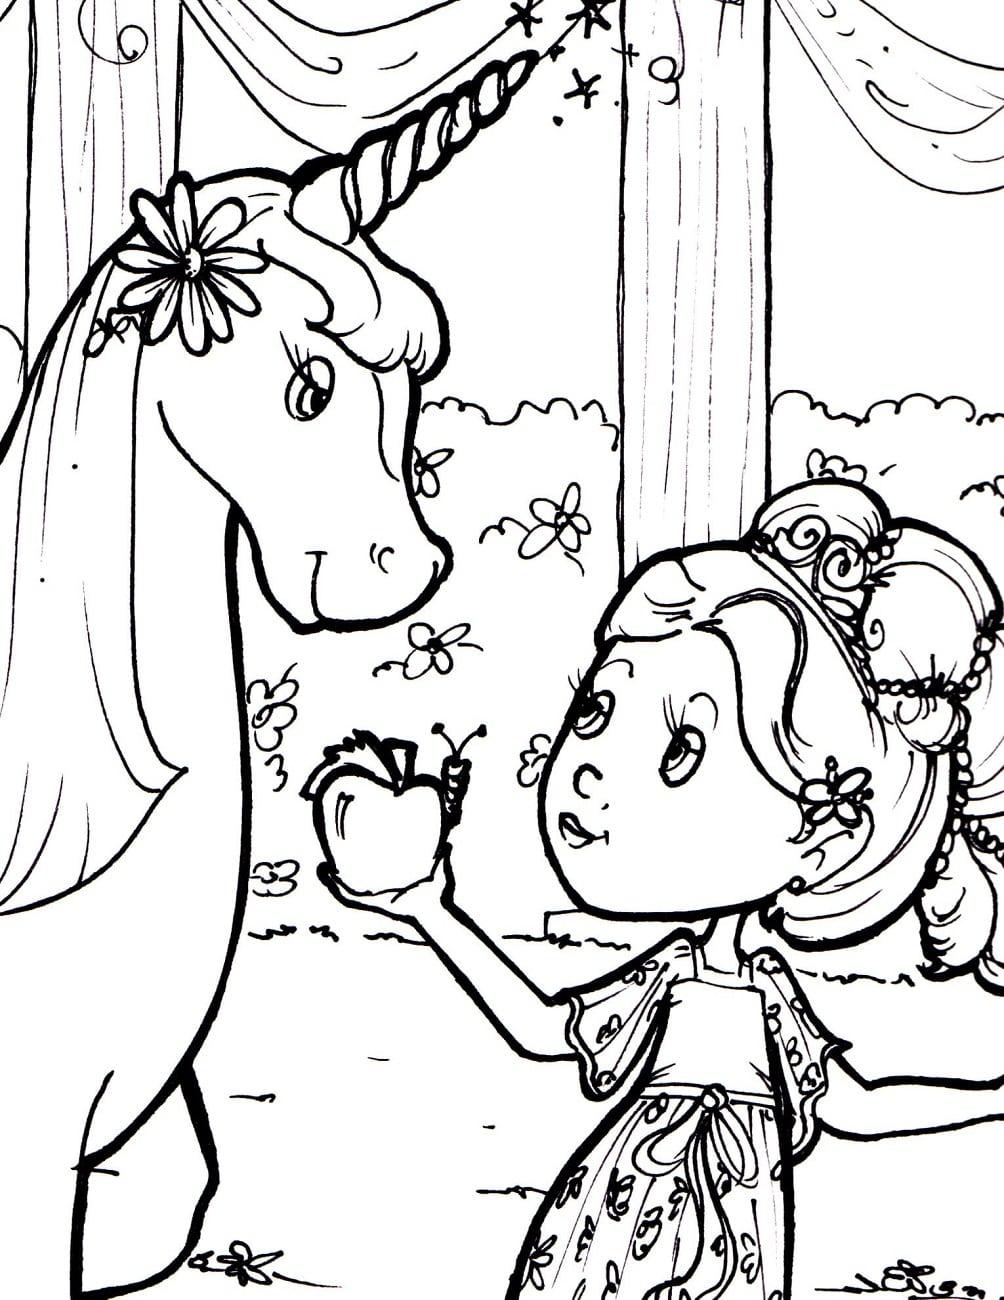 Girl Giving Apple For Unicorn